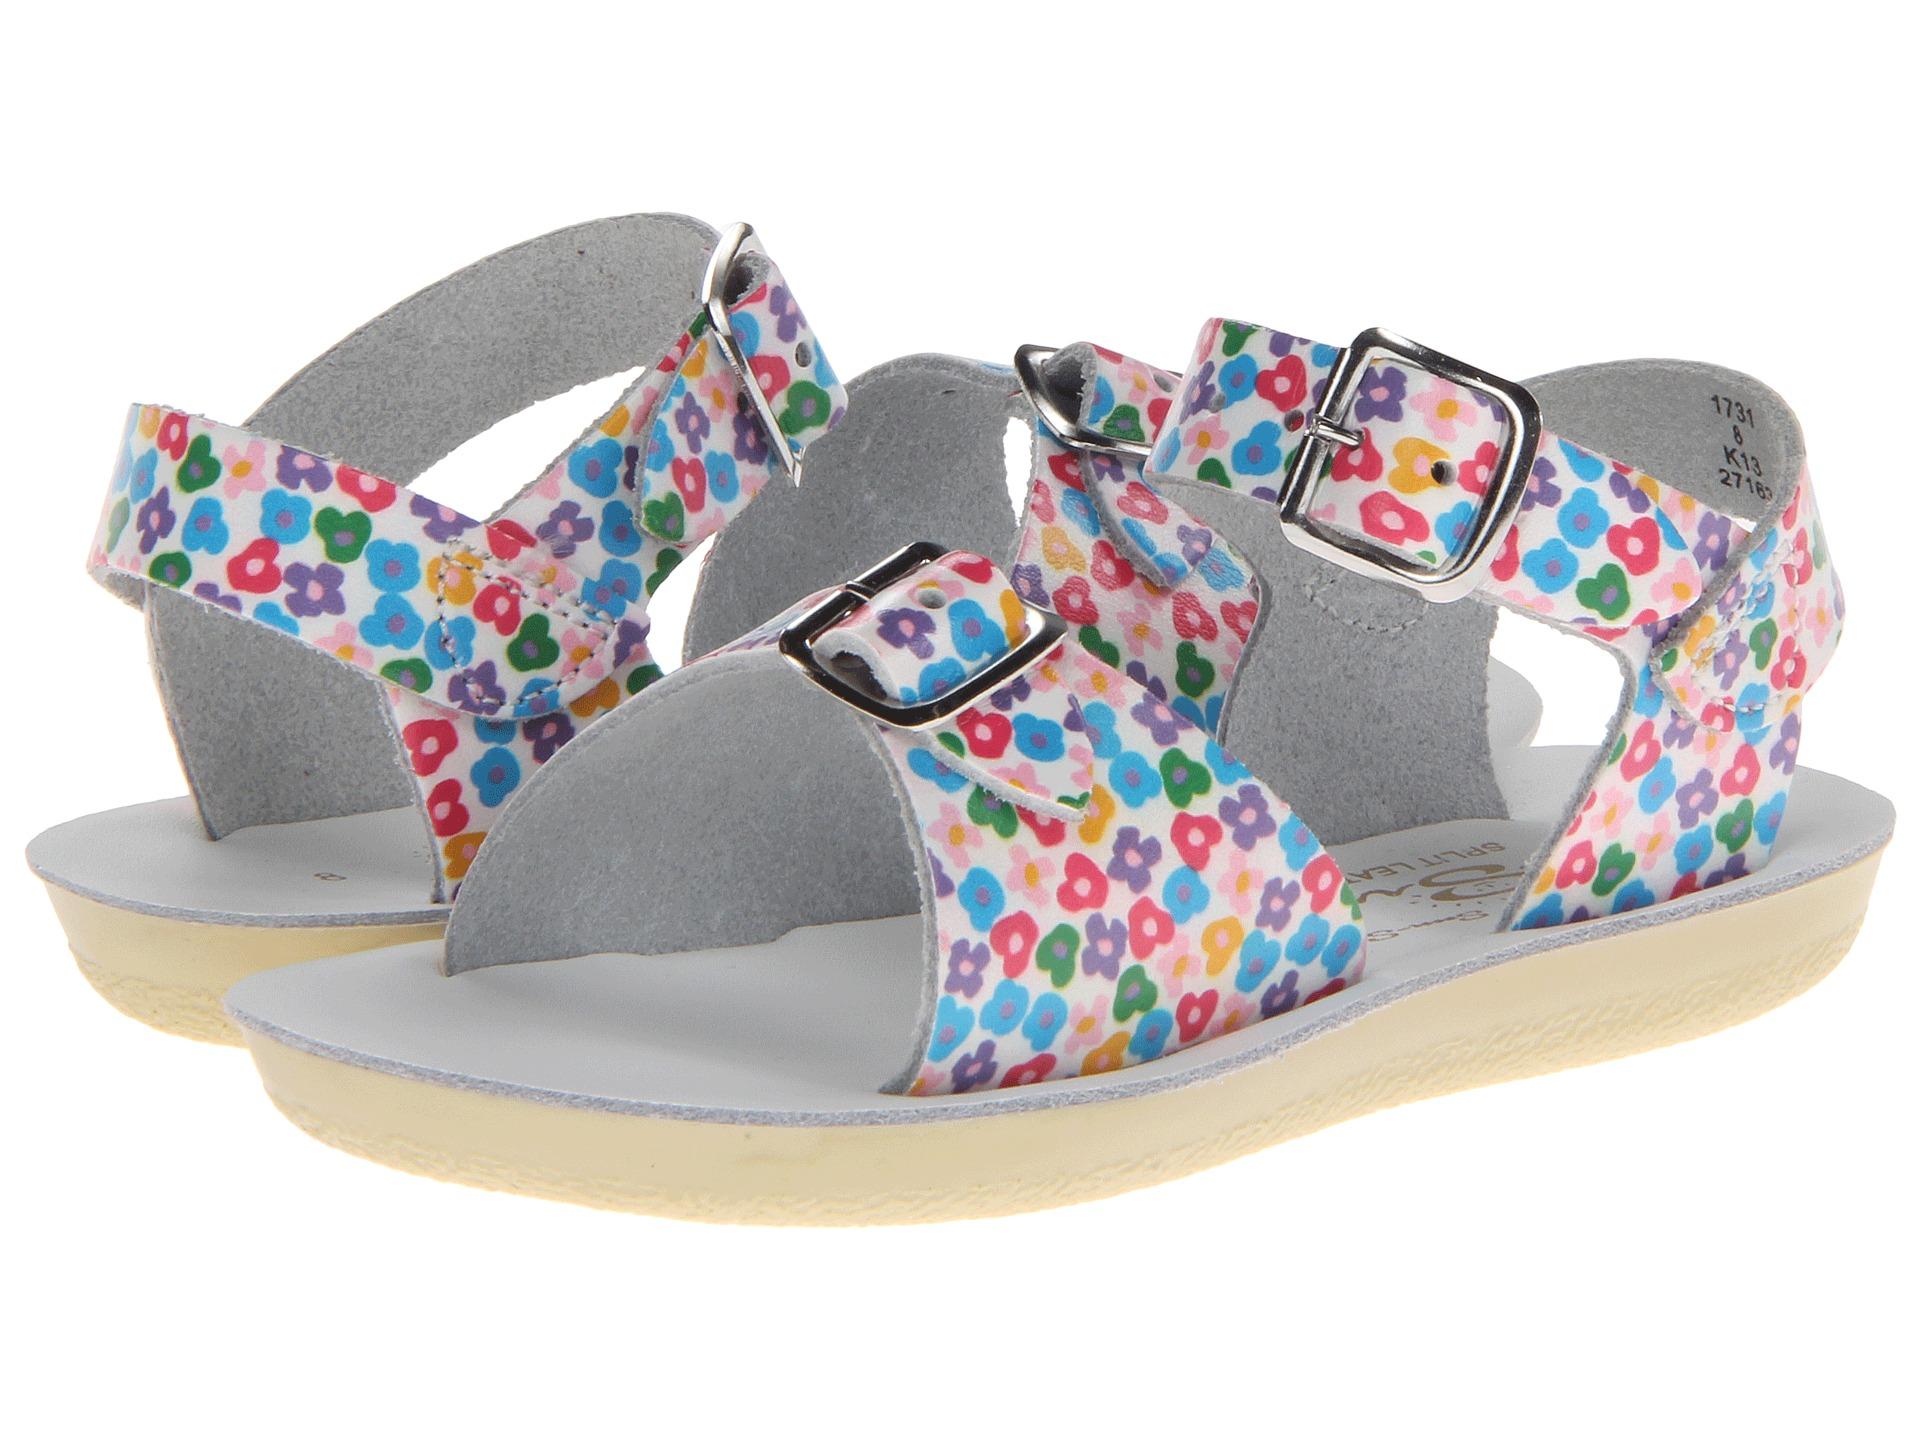 salt water sandal by hoy shoes sun san surfer infant toddler little kid free. Black Bedroom Furniture Sets. Home Design Ideas